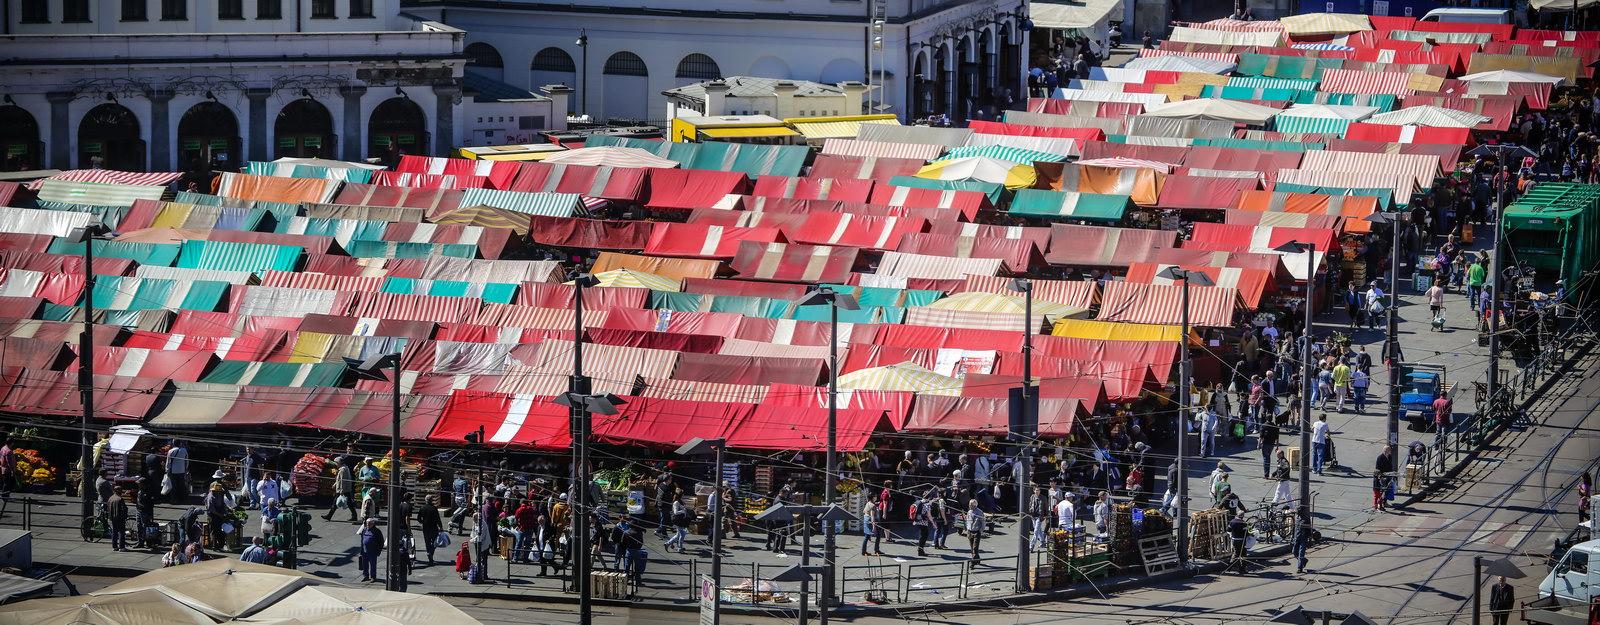 Il mercato di porta palazzo su rai5 scopri porta palazzo - Mercato coperto porta palazzo orari ...